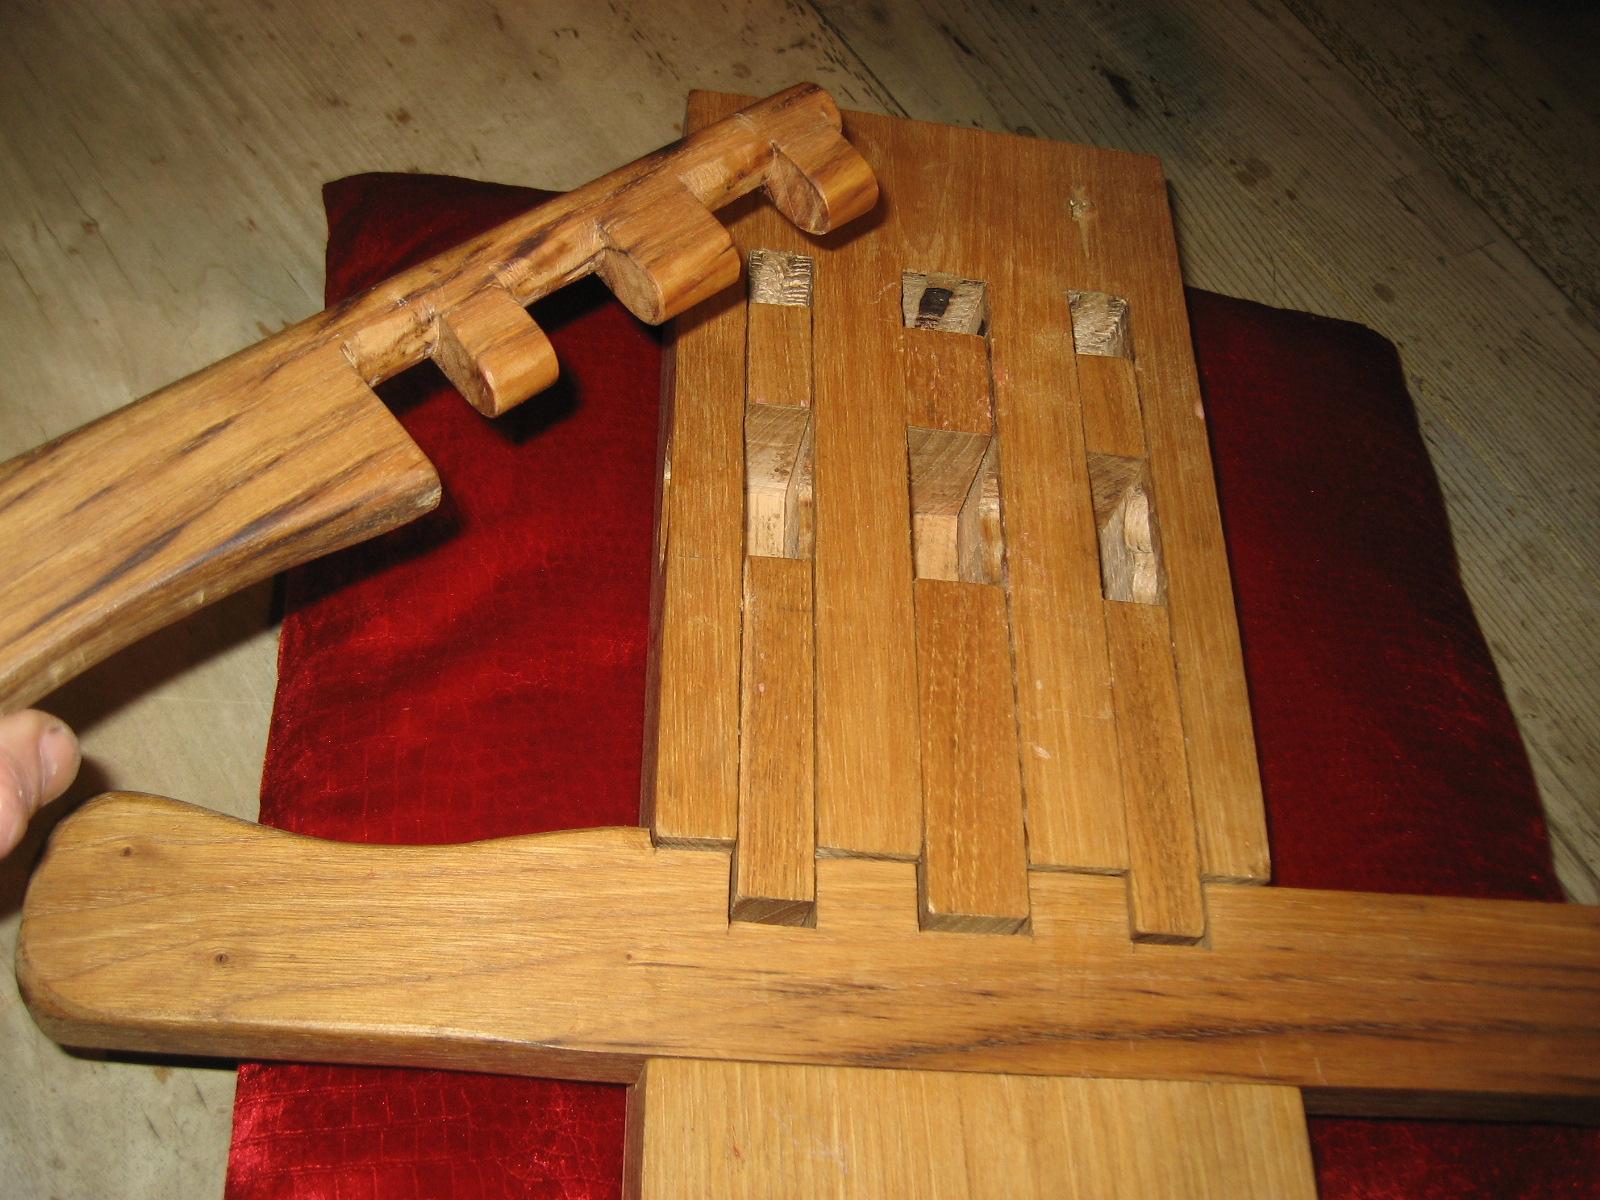 Maximino fern ndez send n historia de las llaves y cerraduras for Llaves de bano antiguas